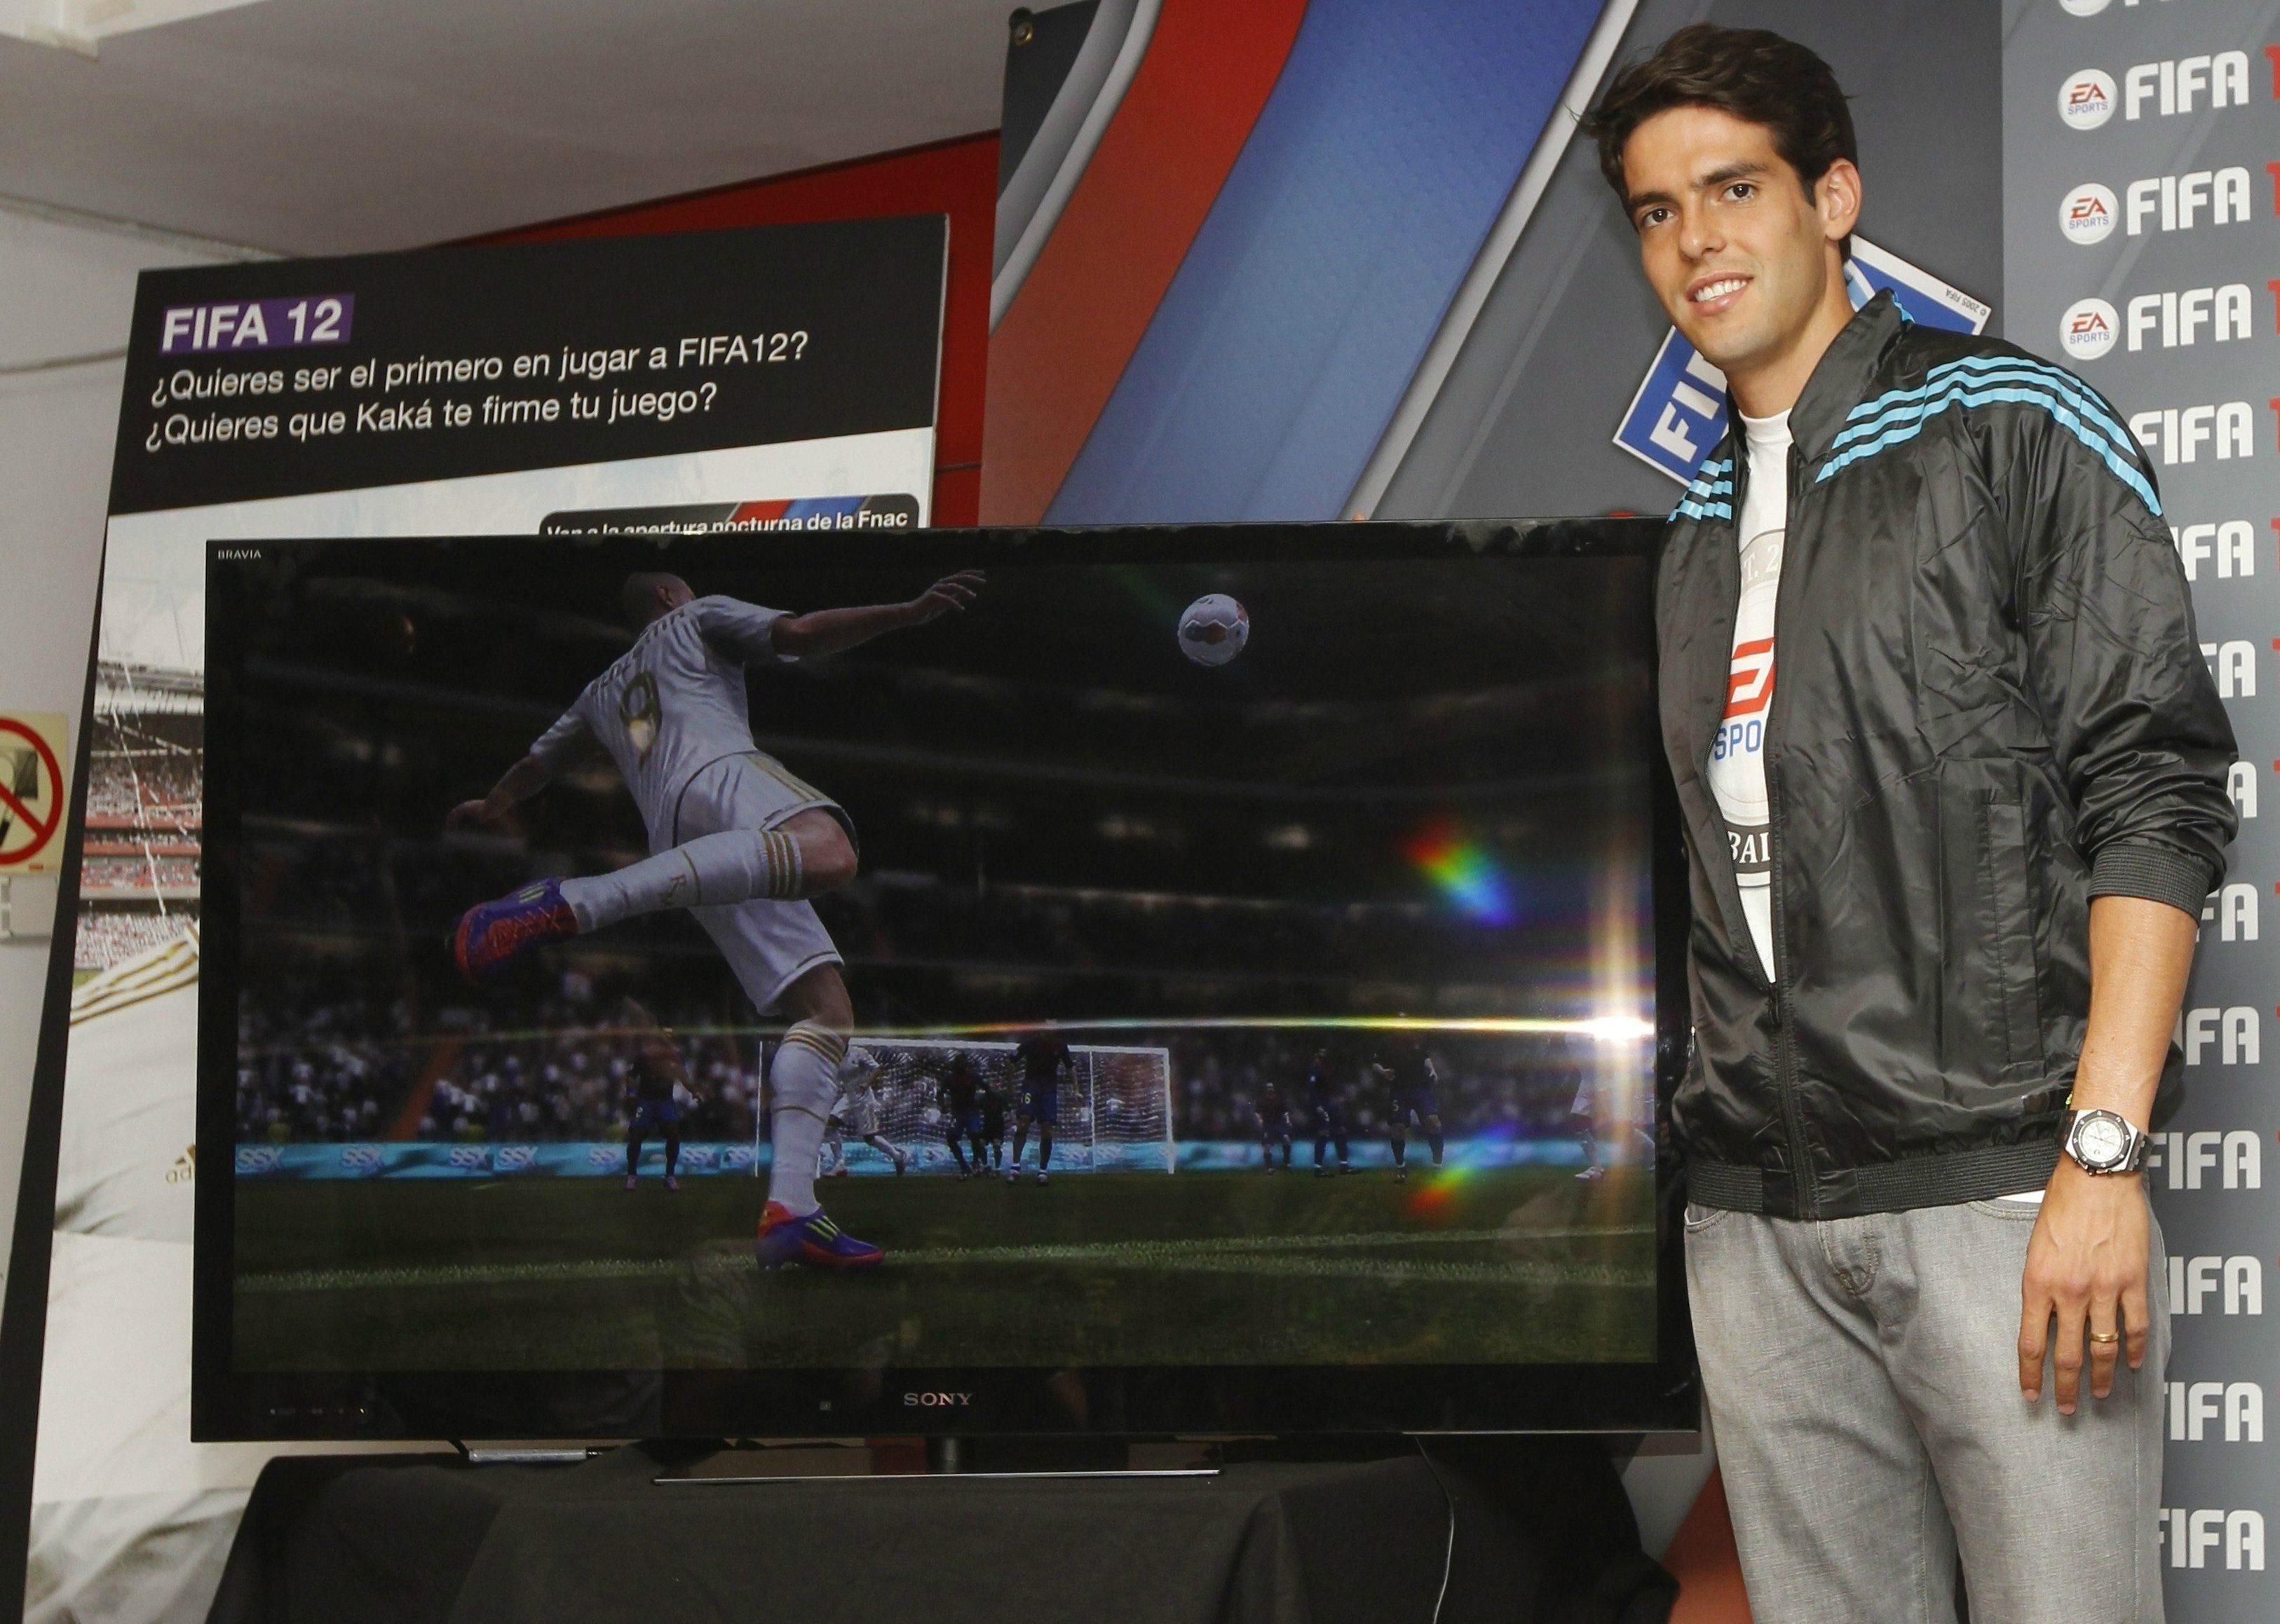 Революционната FIFA 12 вече е в продажба